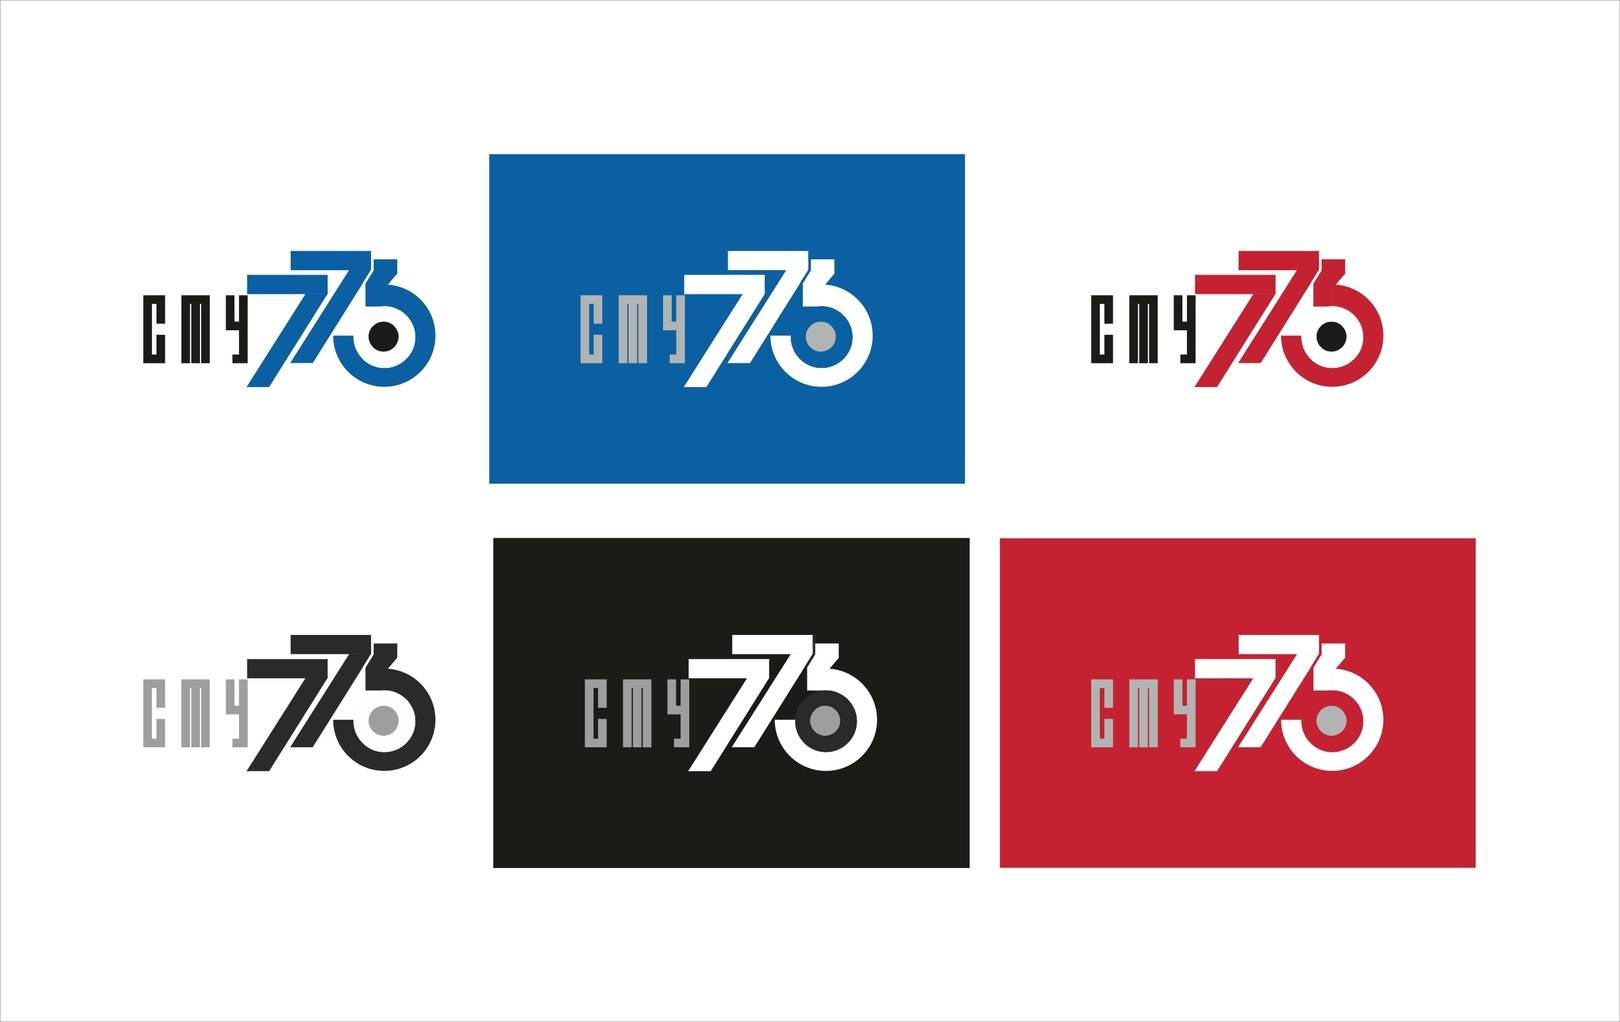 Логотип Строительно-Монтажного Управления  773. Вариант.